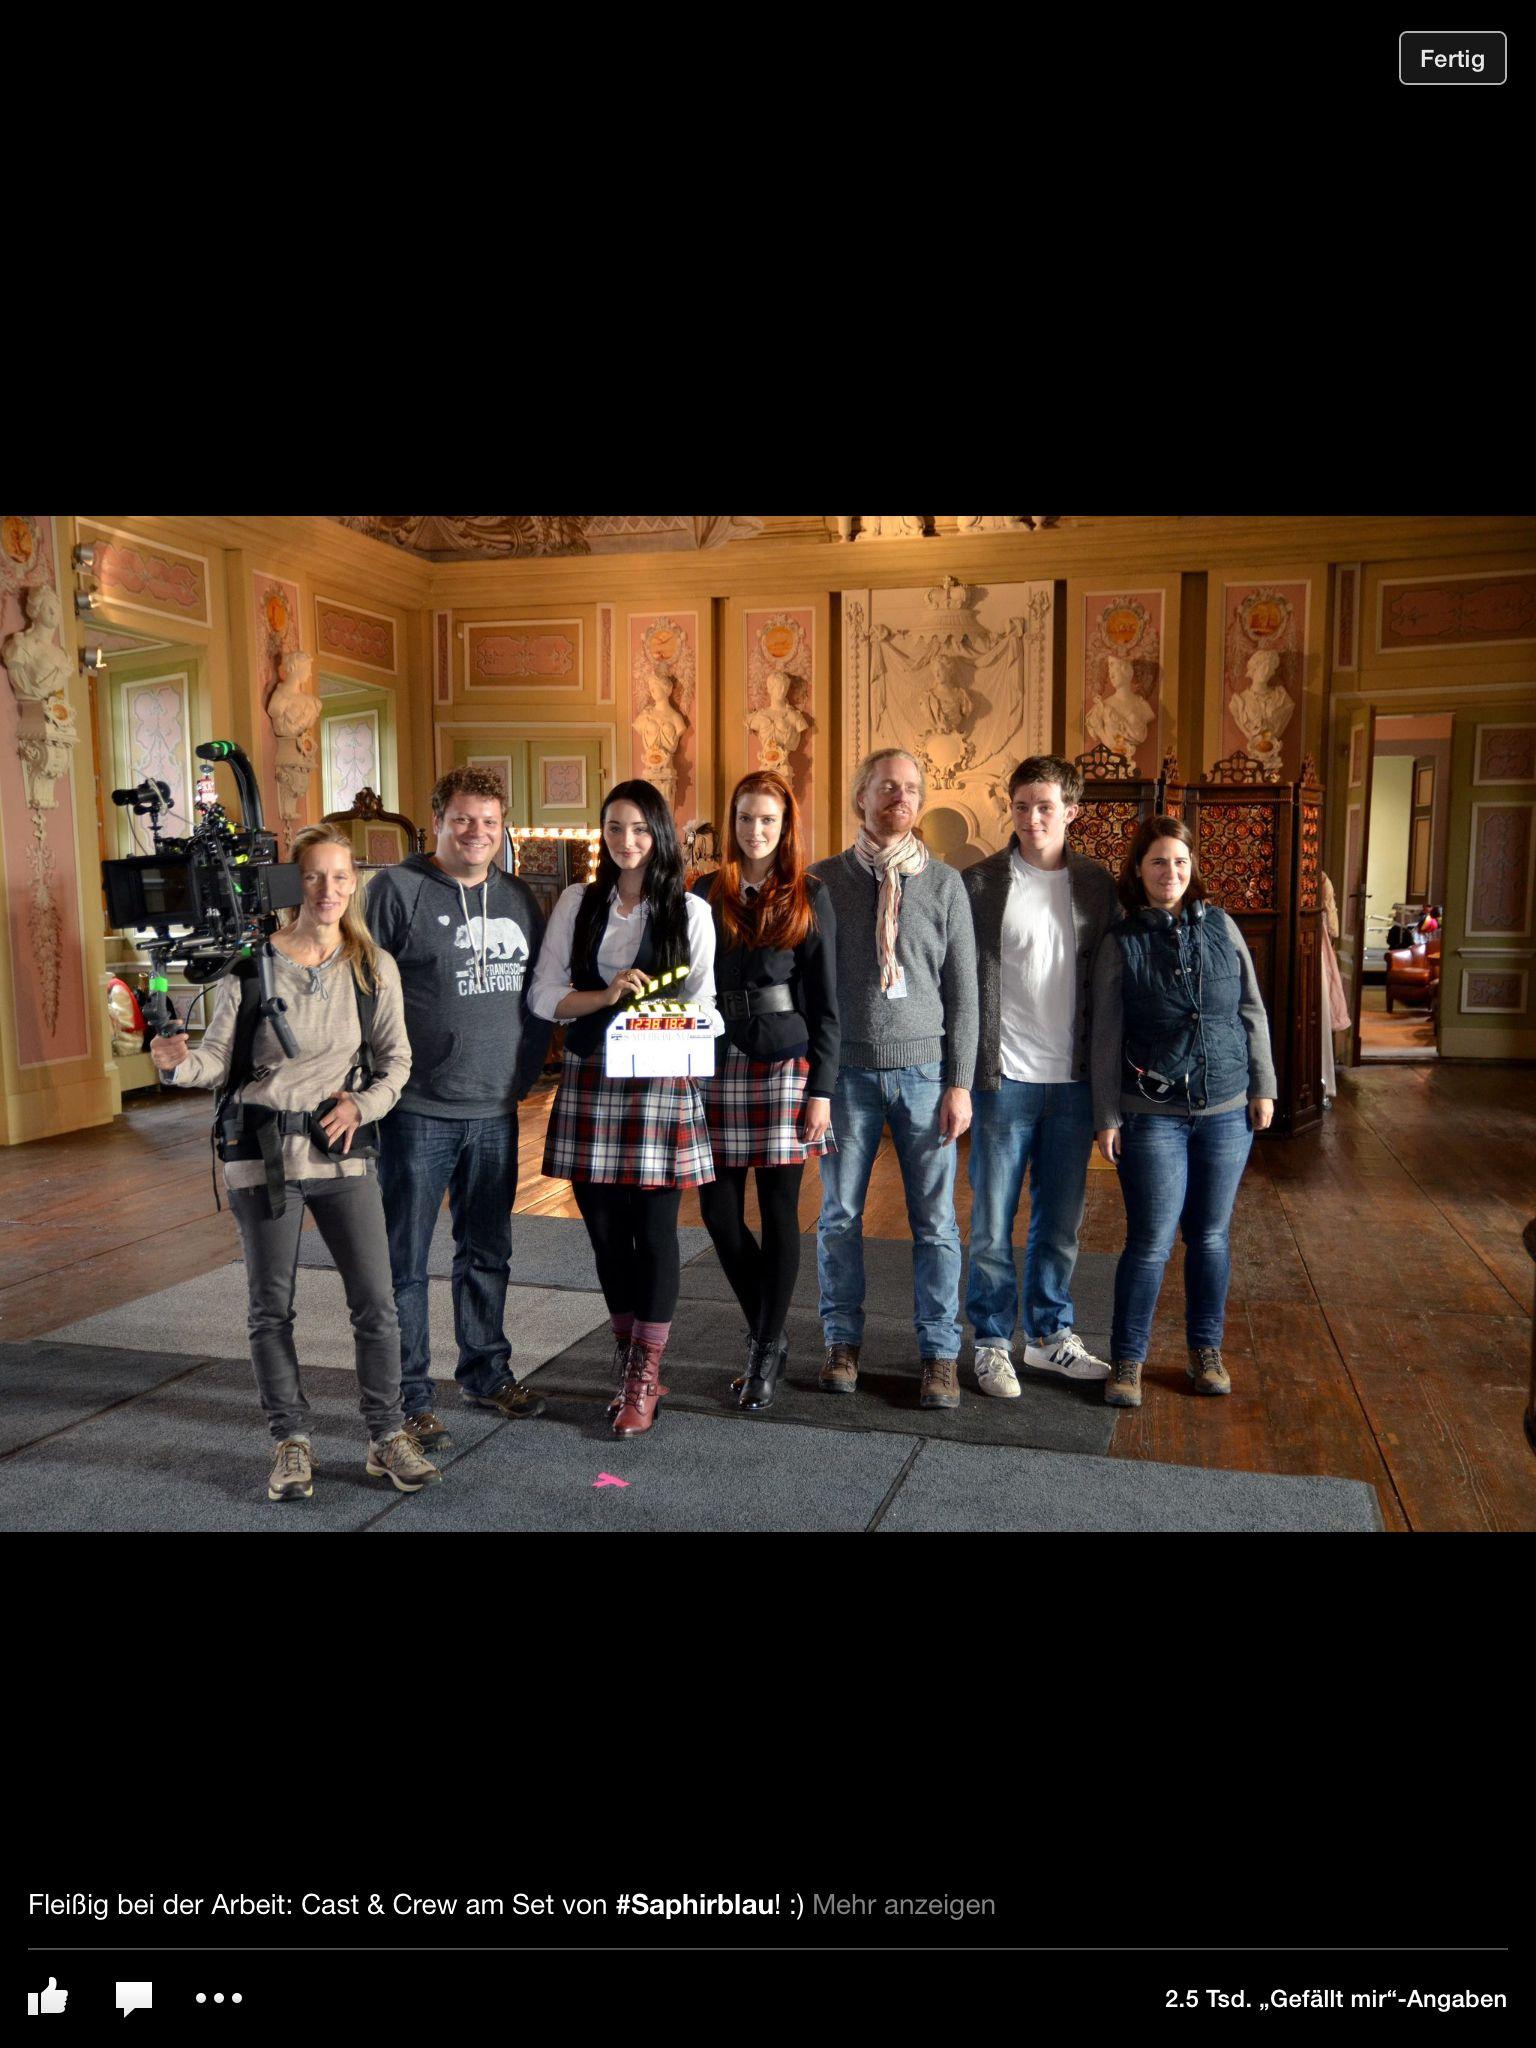 Cast Of Saphirblau Saphirblau Rubinrot Saphirblau Smaragdgrun Rubinrot